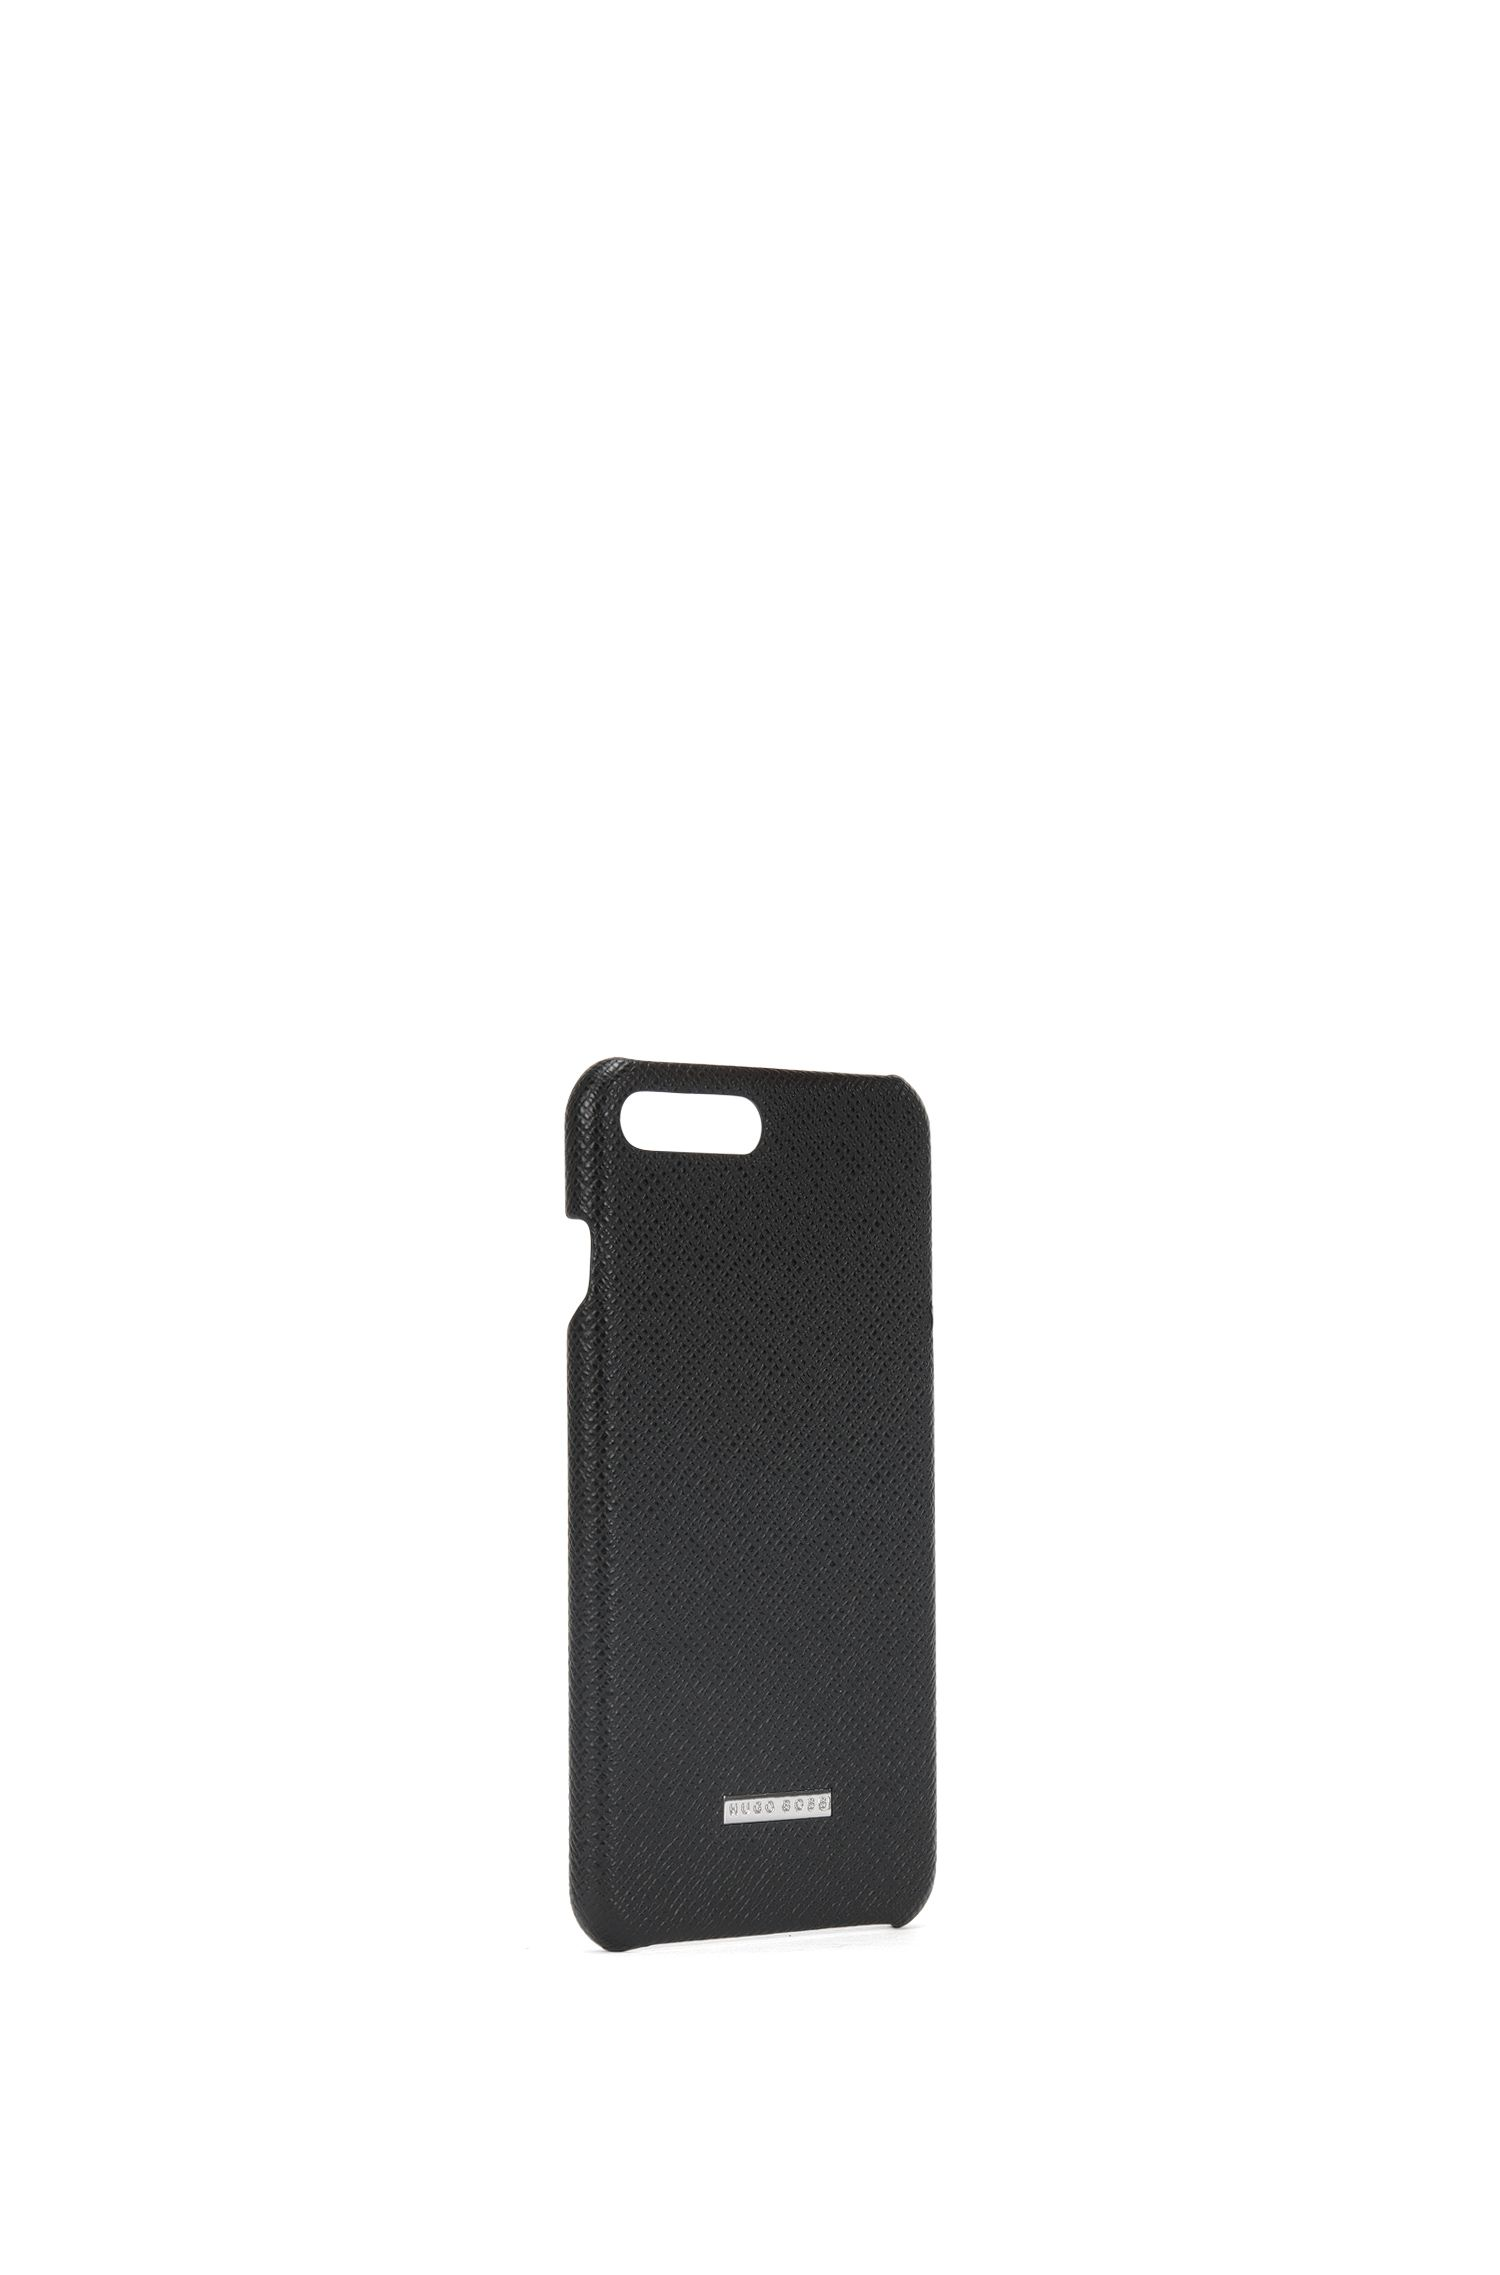 Embossed Leather iPhone 7 Plus Case | Signature Phone 7P